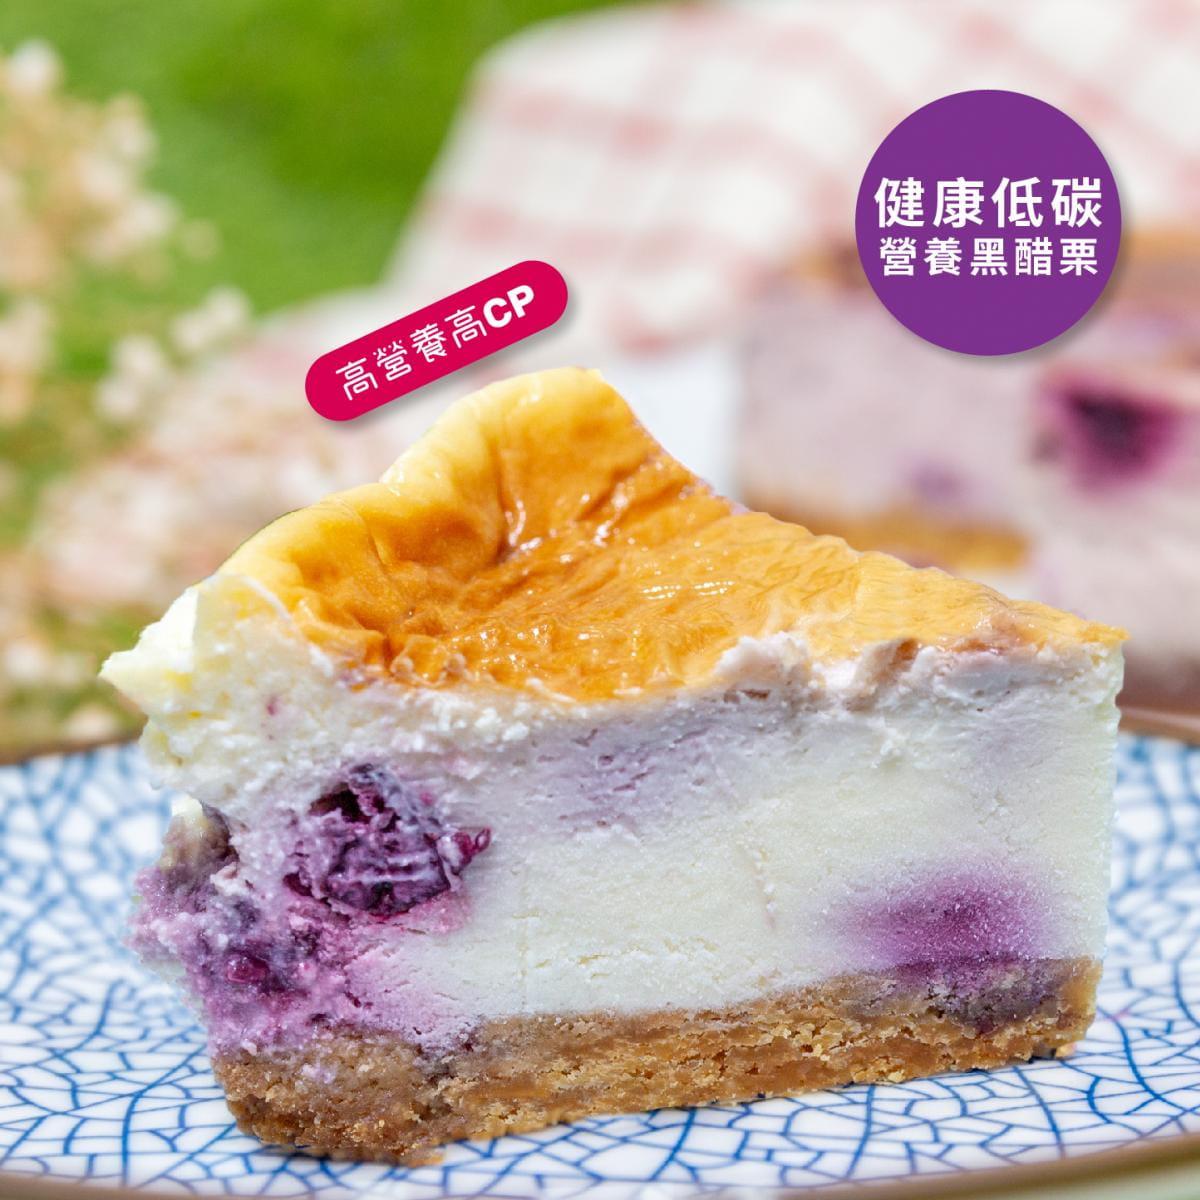 【甜野新星】【低碳】無糖無澱粉 濃香重乳酪蛋糕 16